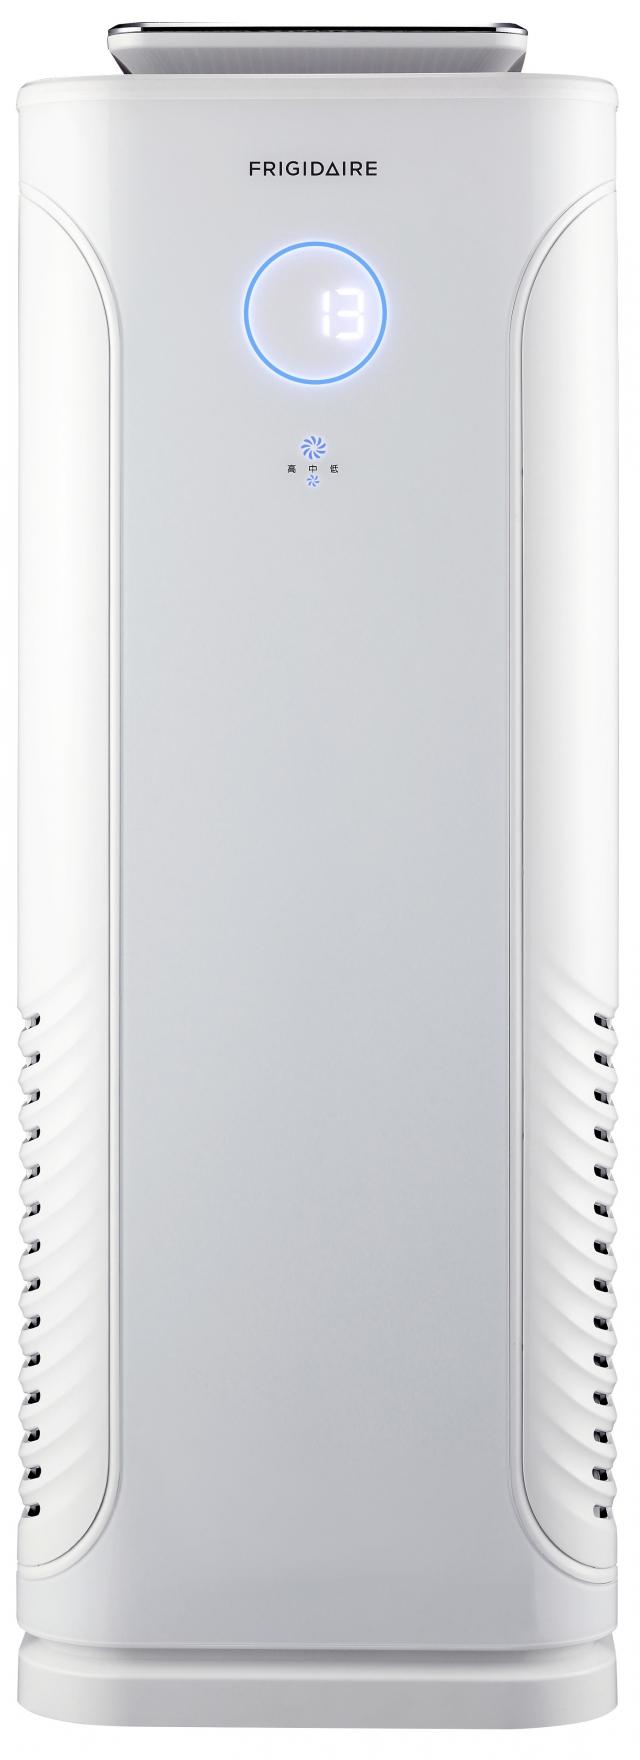 富及第_CADR500智慧型空氣清淨機 。(富及第提供)